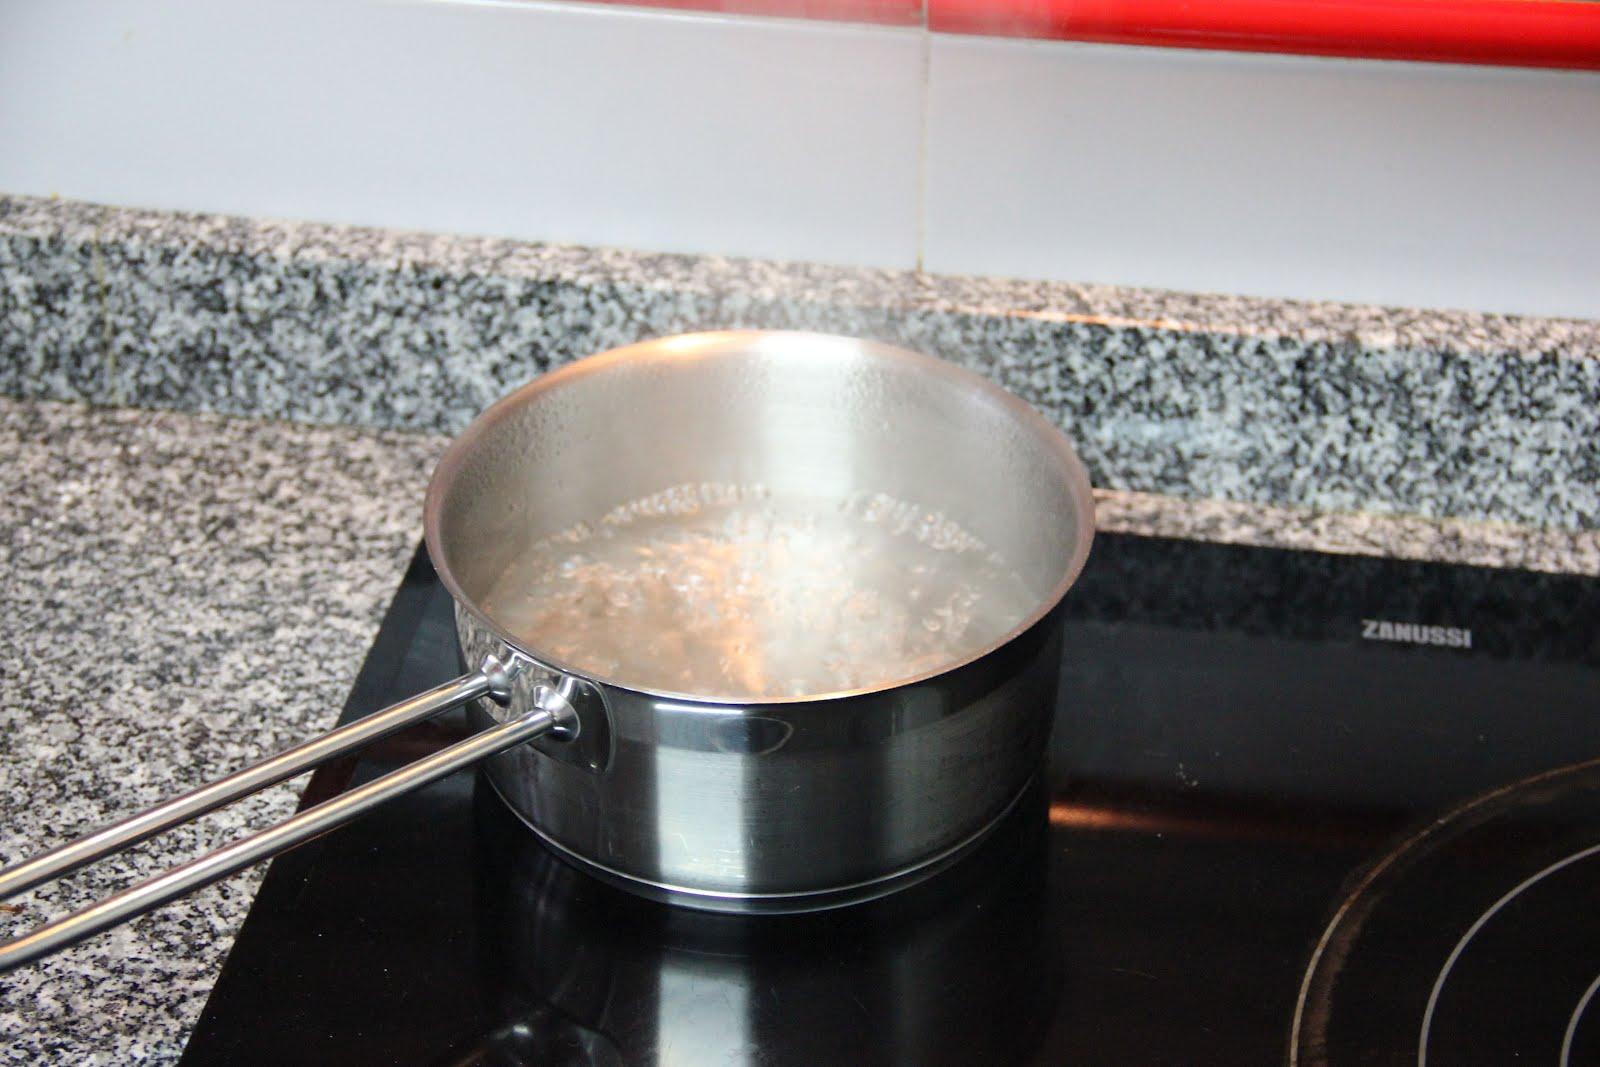 Receta de churros preparar churros caseros for Calentar agua piscina casero